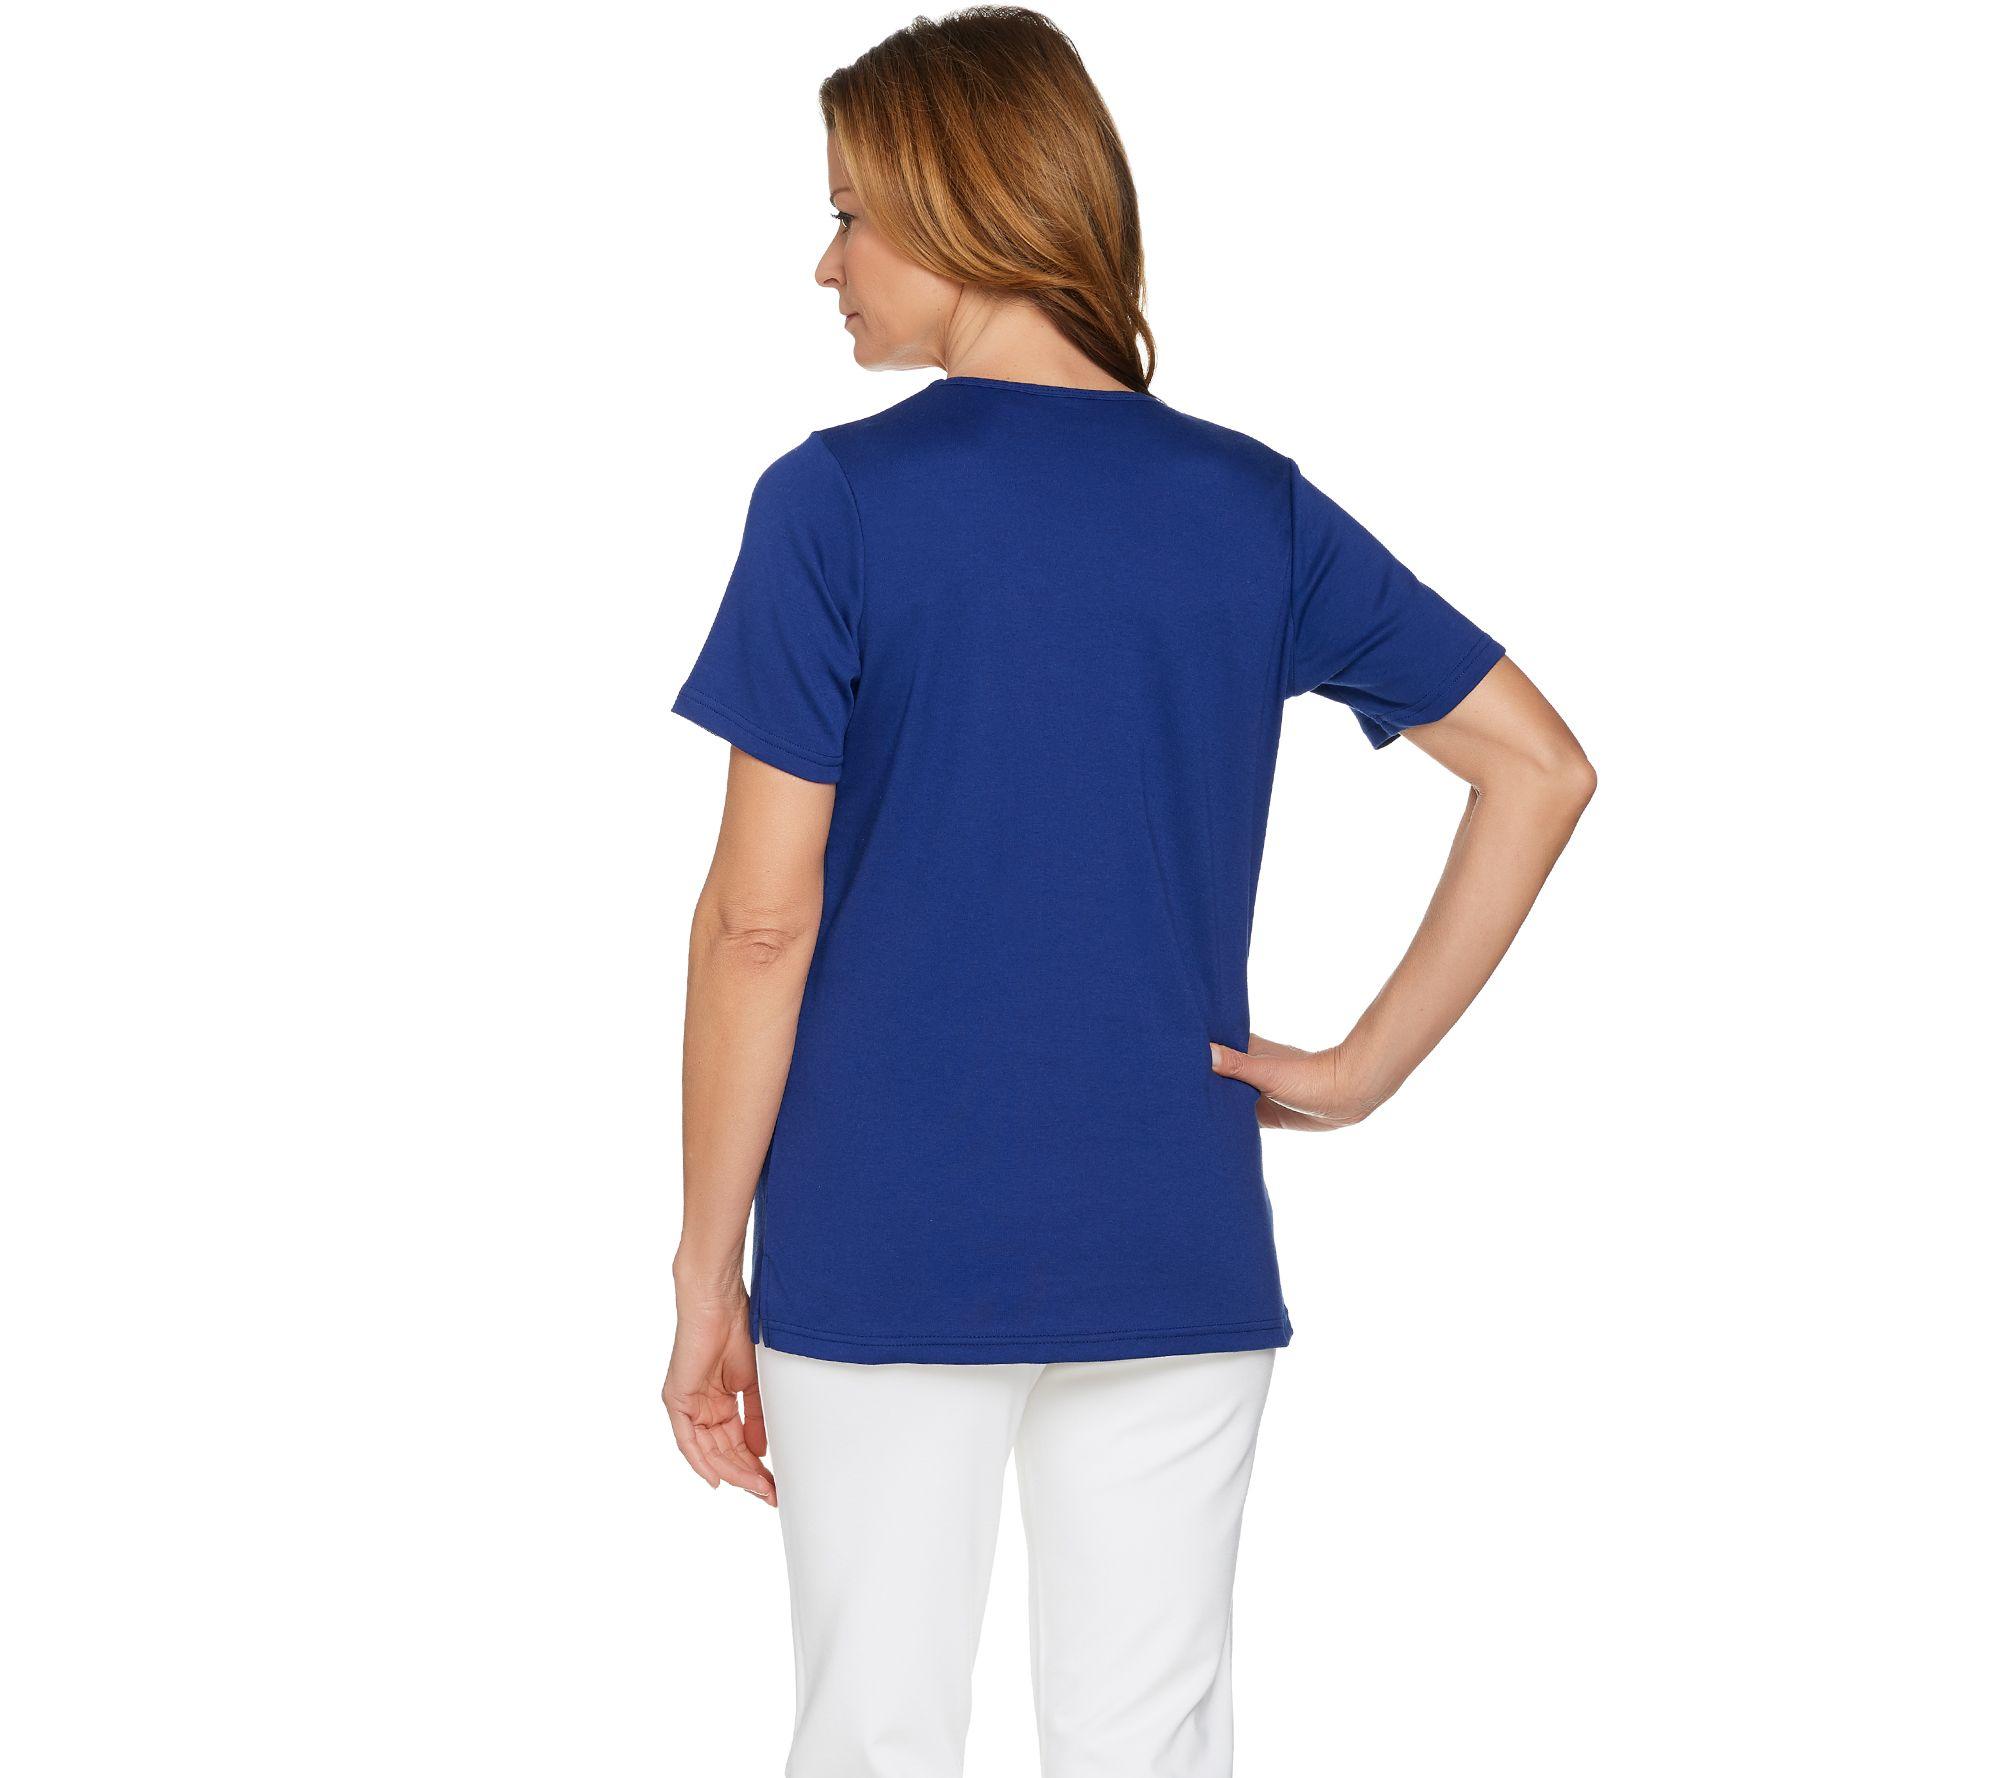 Quacker Factory Summer Sequin Short Sleeve T-shirt